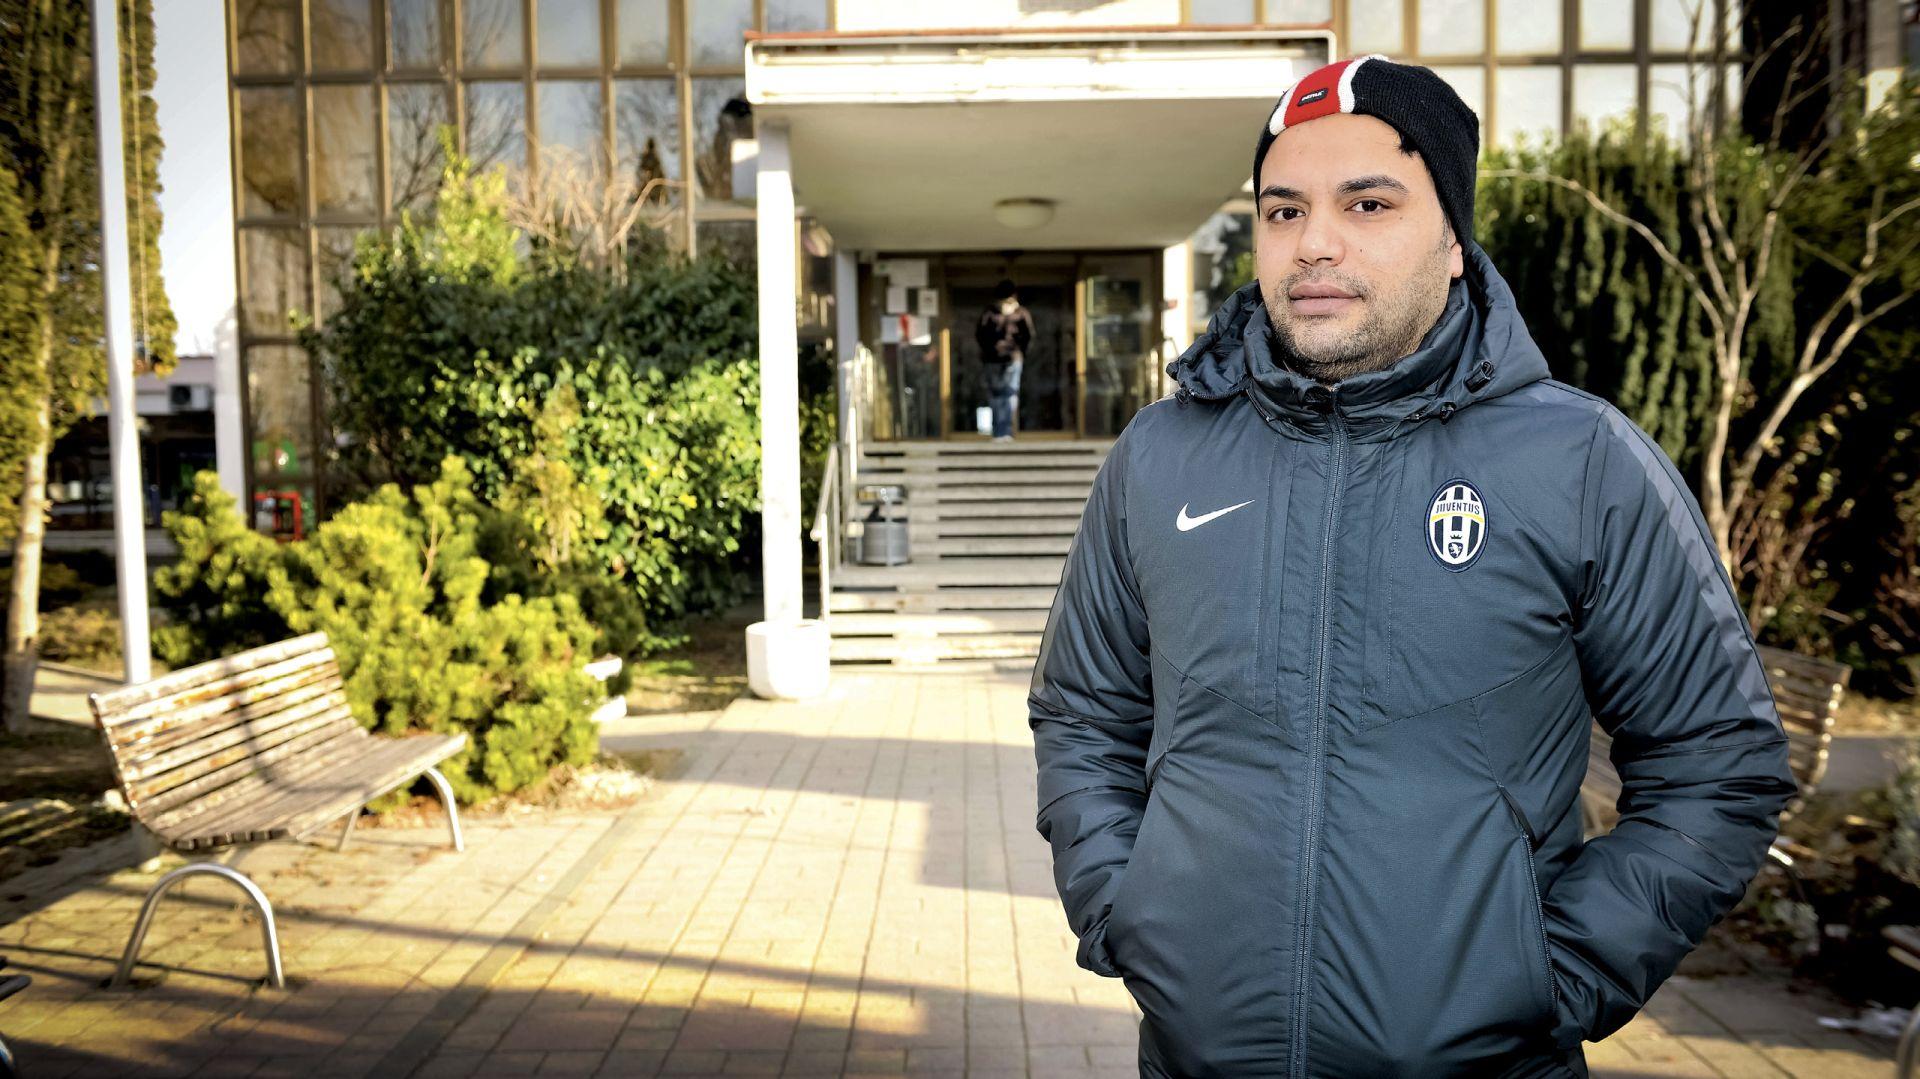 'Premlatili su me bejzbolskim palicama iako sam vikao da nisam Srbin'